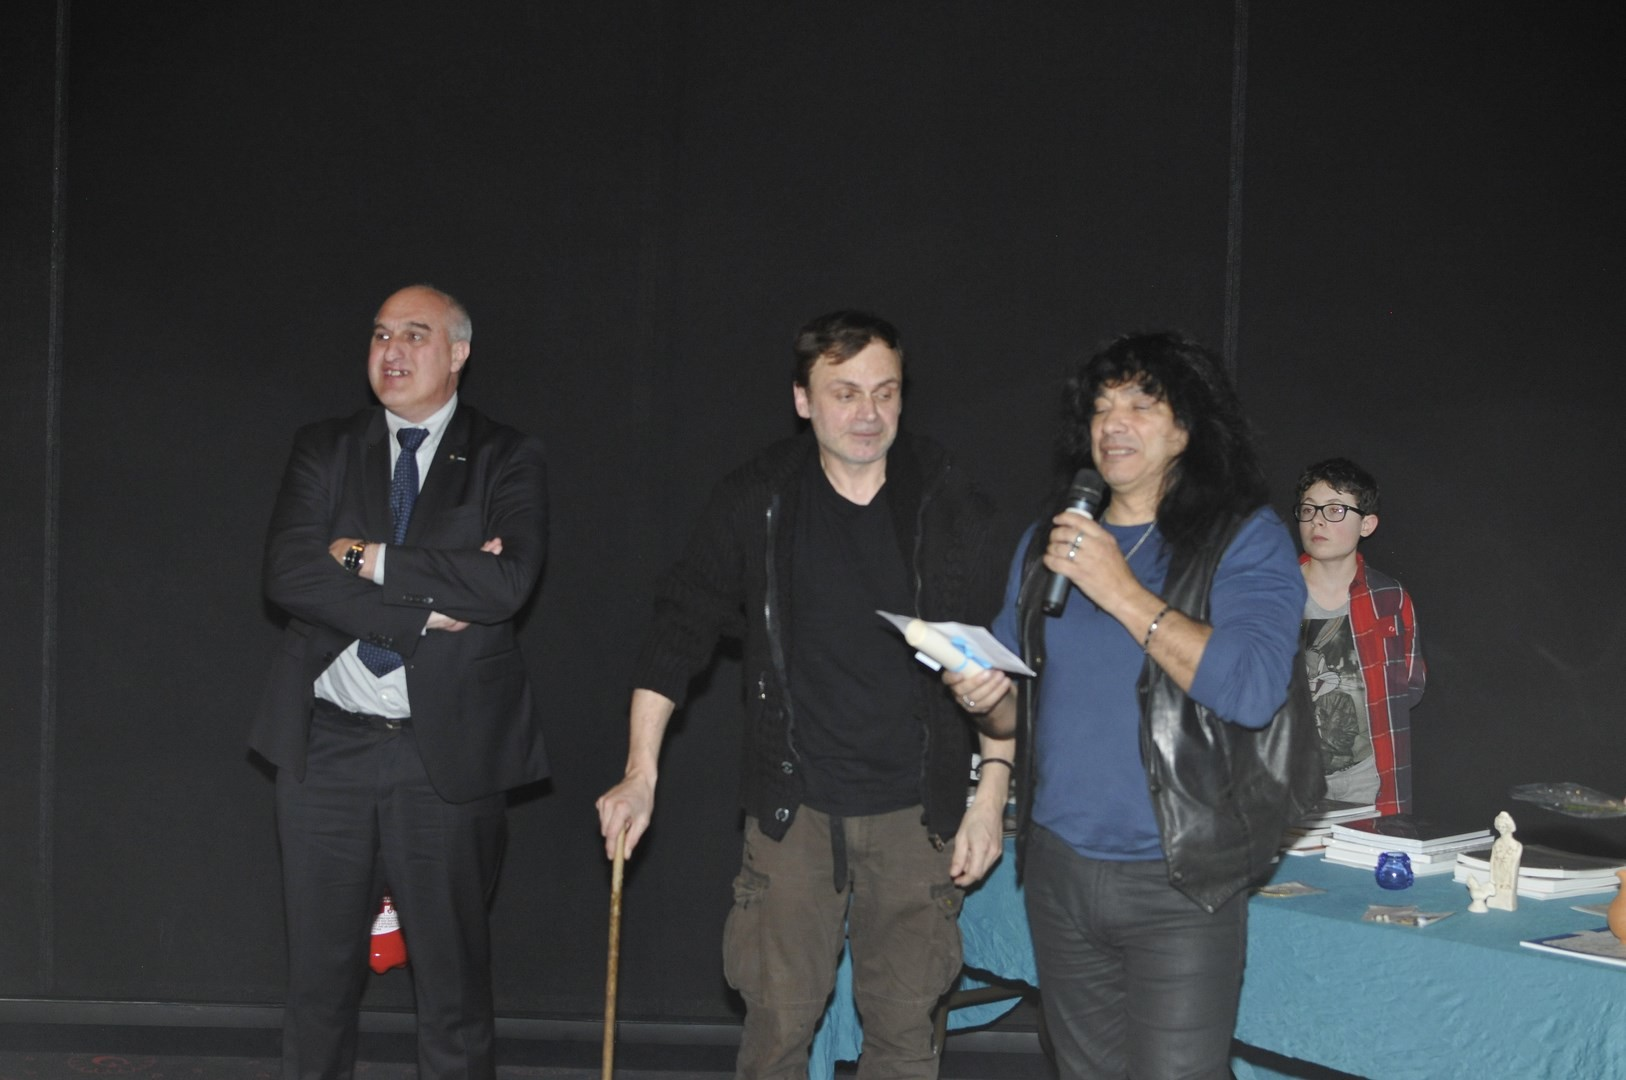 """Le Prix de la DRAC Nord-Pas-de calais-Picardie (2500 euros) est temis à """"Marly, le château disparu du roi soleil"""" réalisé par Laurent marmol (au milieu sur la photo) et Frédéric lossignol"""